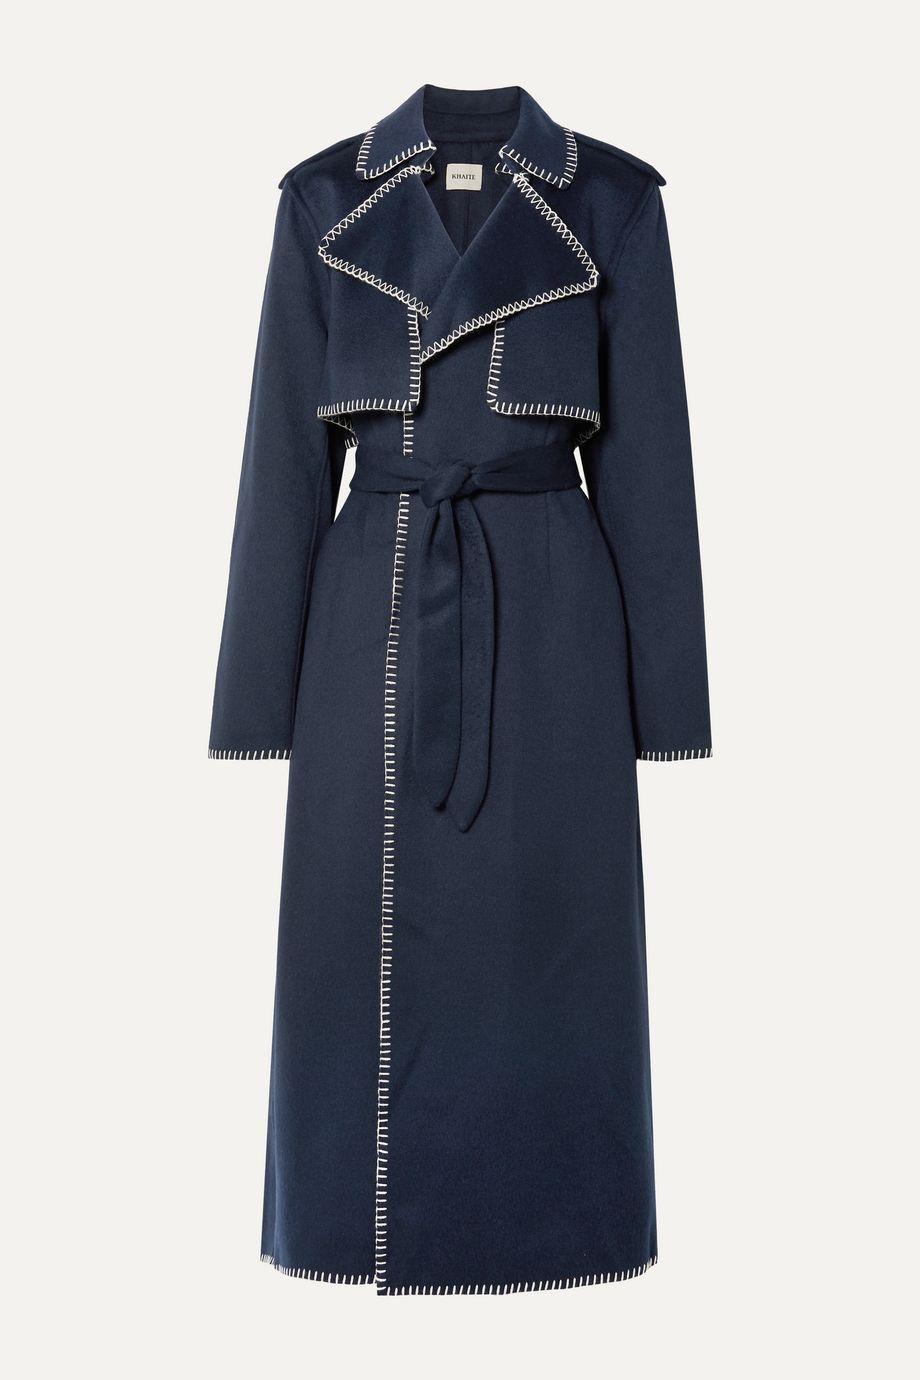 Khaite Roman oversized whipstitched felt trench coat